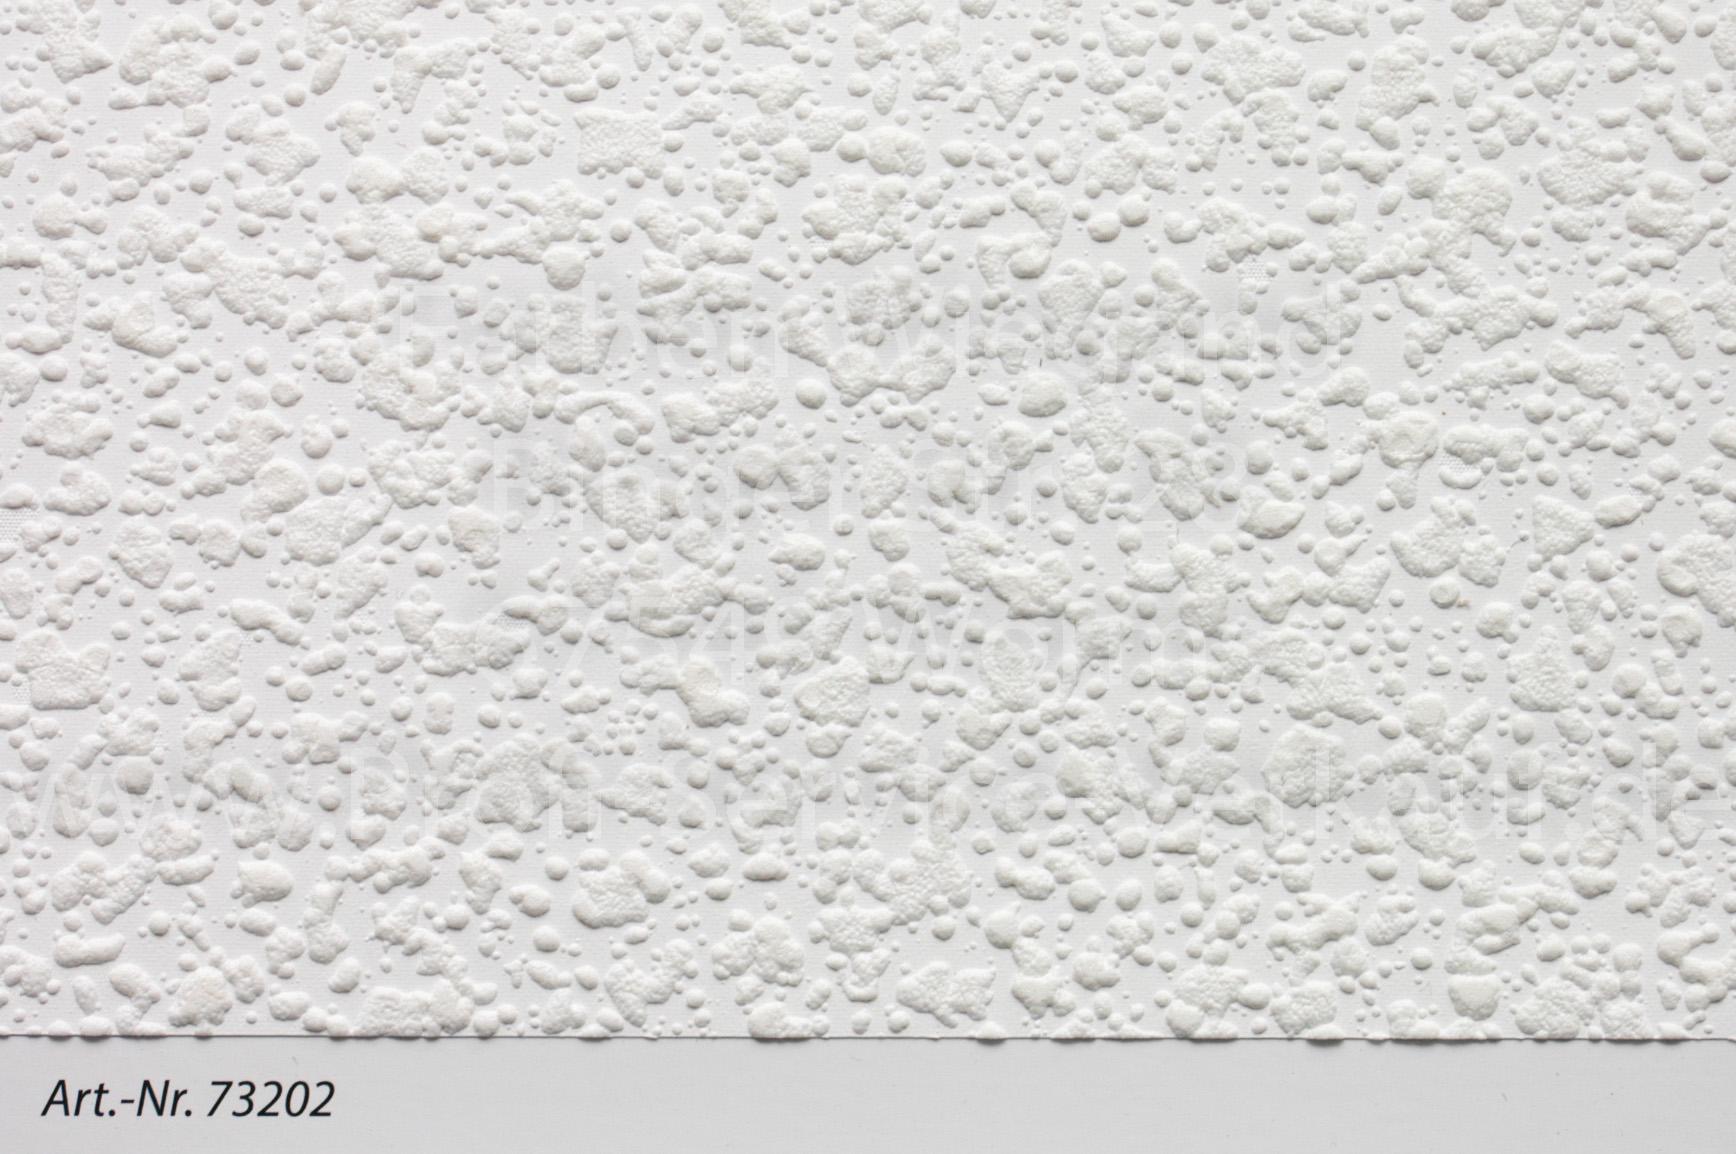 Full Size of Schöne Tapeten Tapete Marburger Schne Decke 17 0 Für Die Küche Betten Mein Schöner Garten Abo Schlafzimmer Fototapeten Wohnzimmer Ideen Wohnzimmer Schöne Tapeten